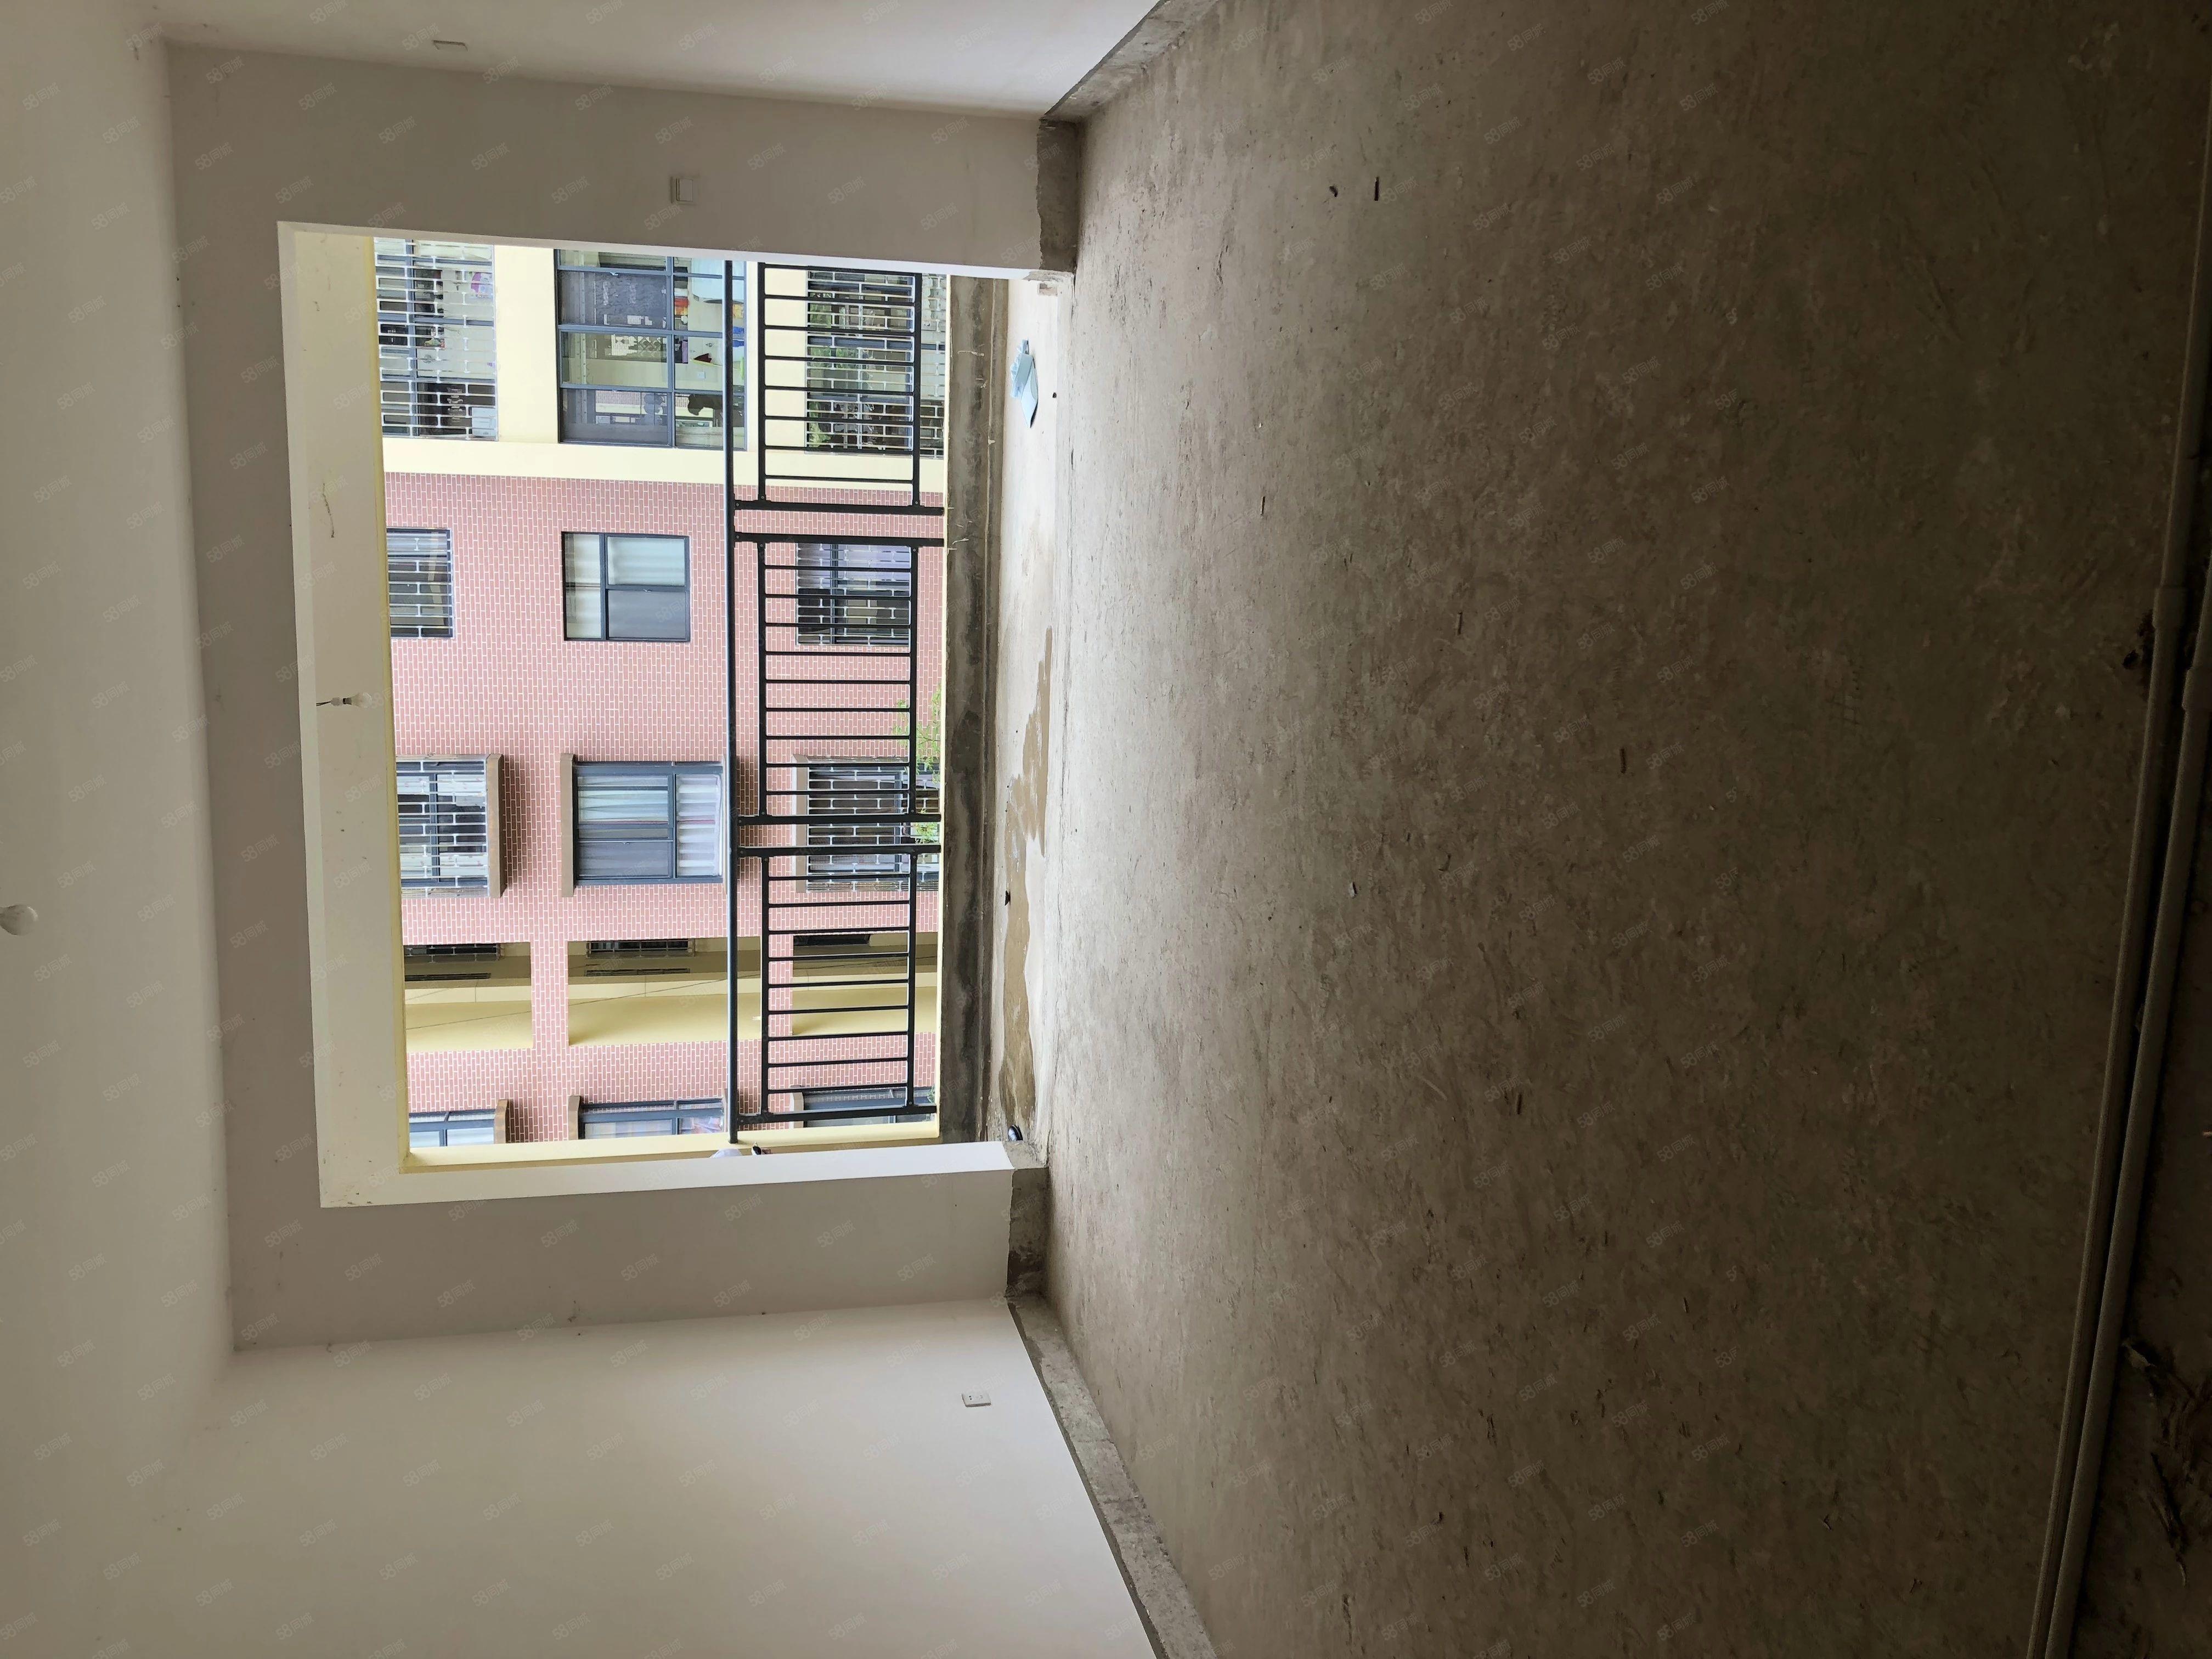 创泰华景4楼3室2厅2卫毛坯房小区内围房价含一个车位